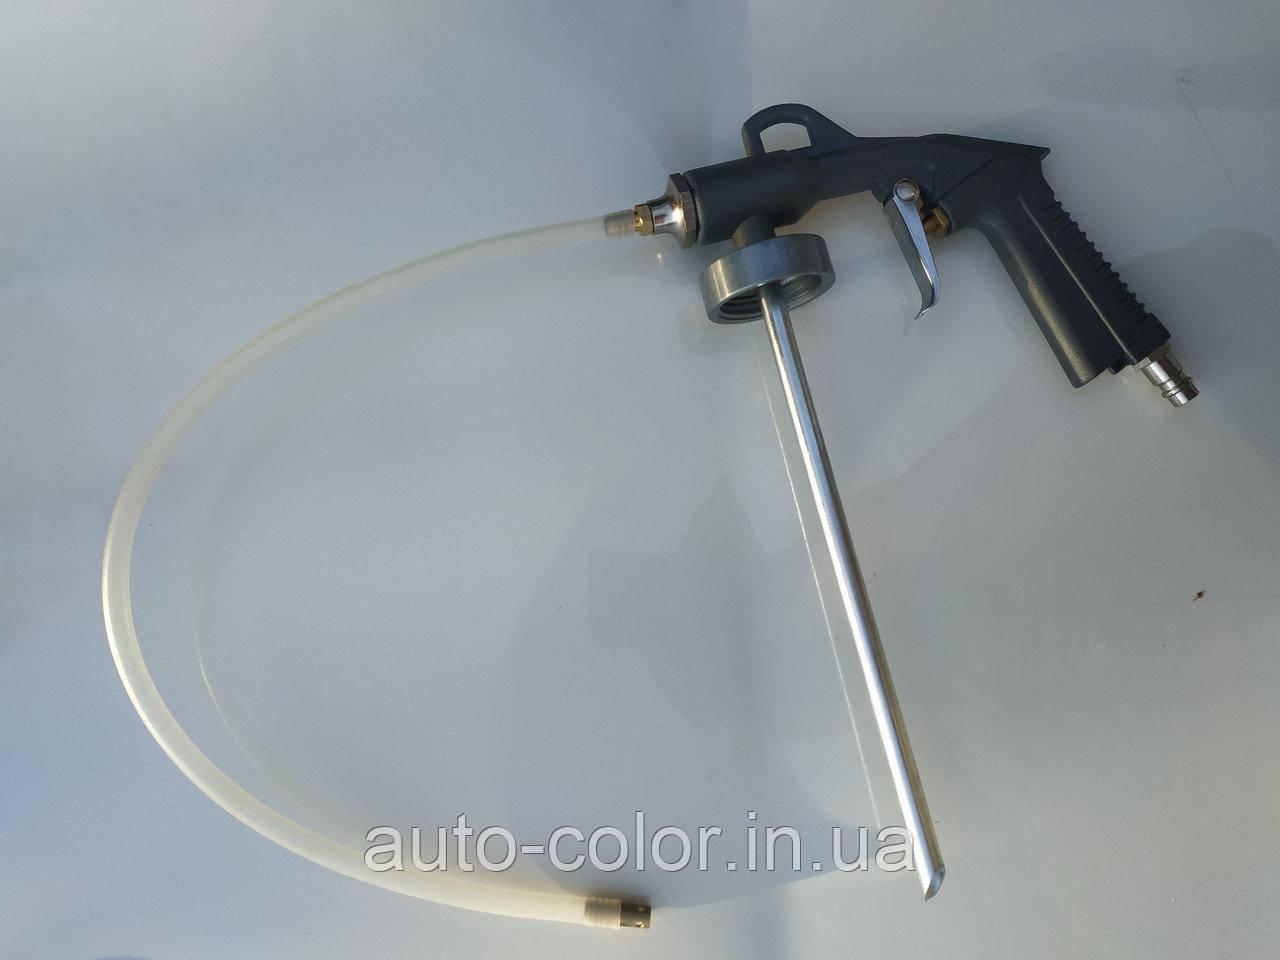 Пистолет для антигравия GAV 167 В